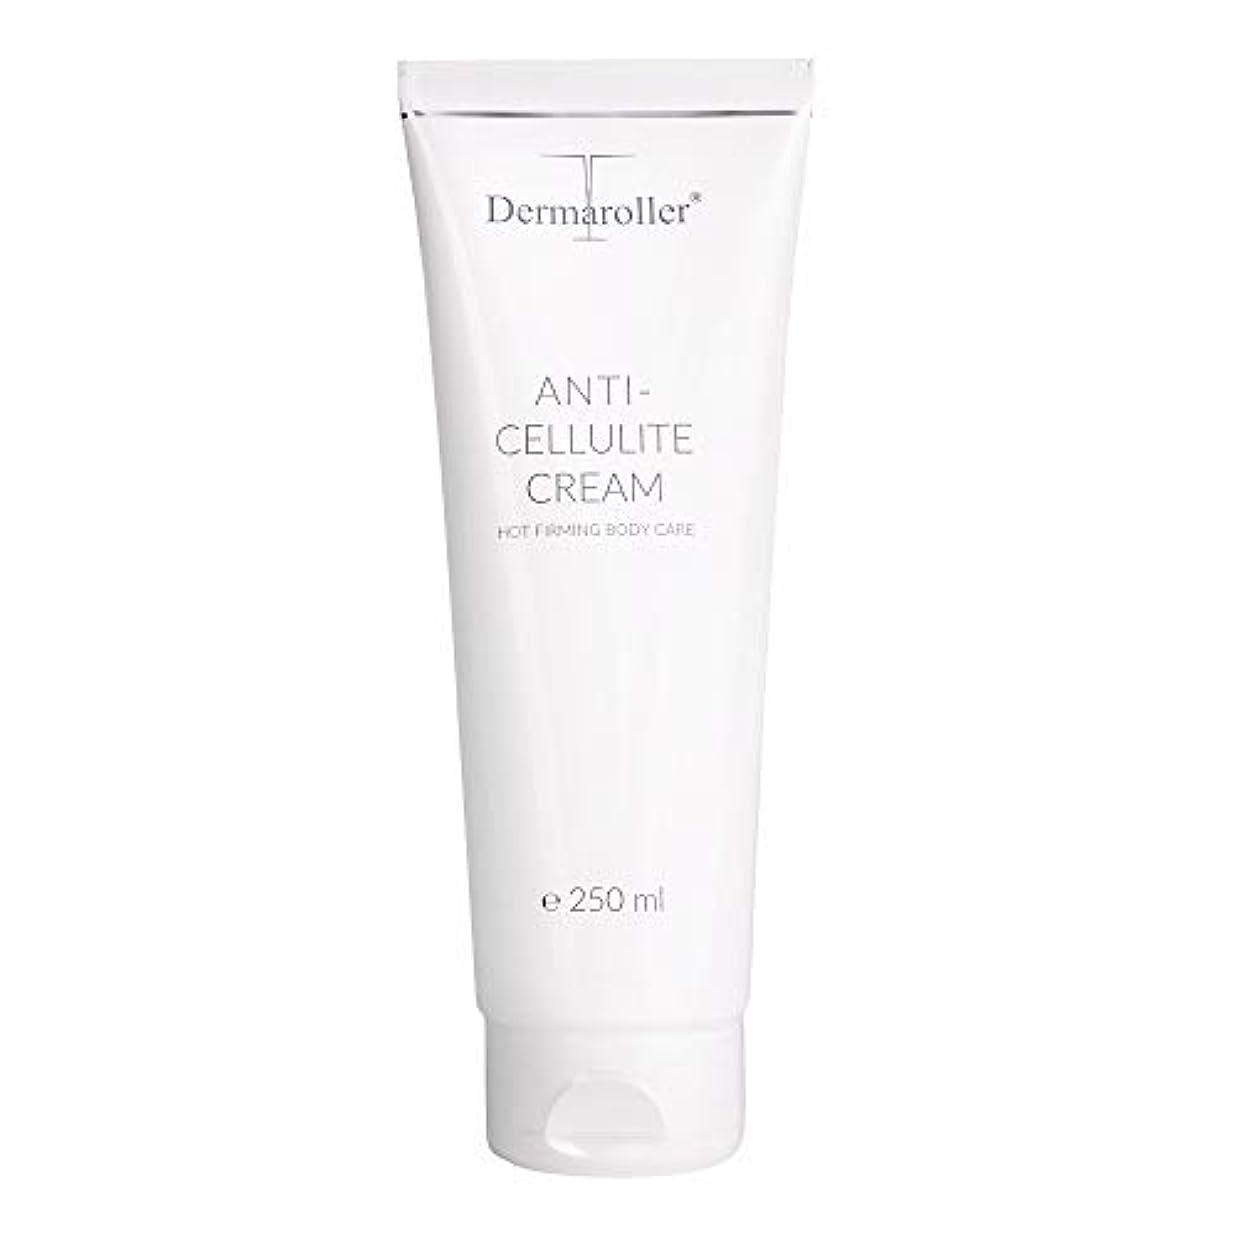 ポイント腹部アナログDermaroller アンチ セルライト クリーム 250ml [Dermaroller]Anti-Cellulite Cream